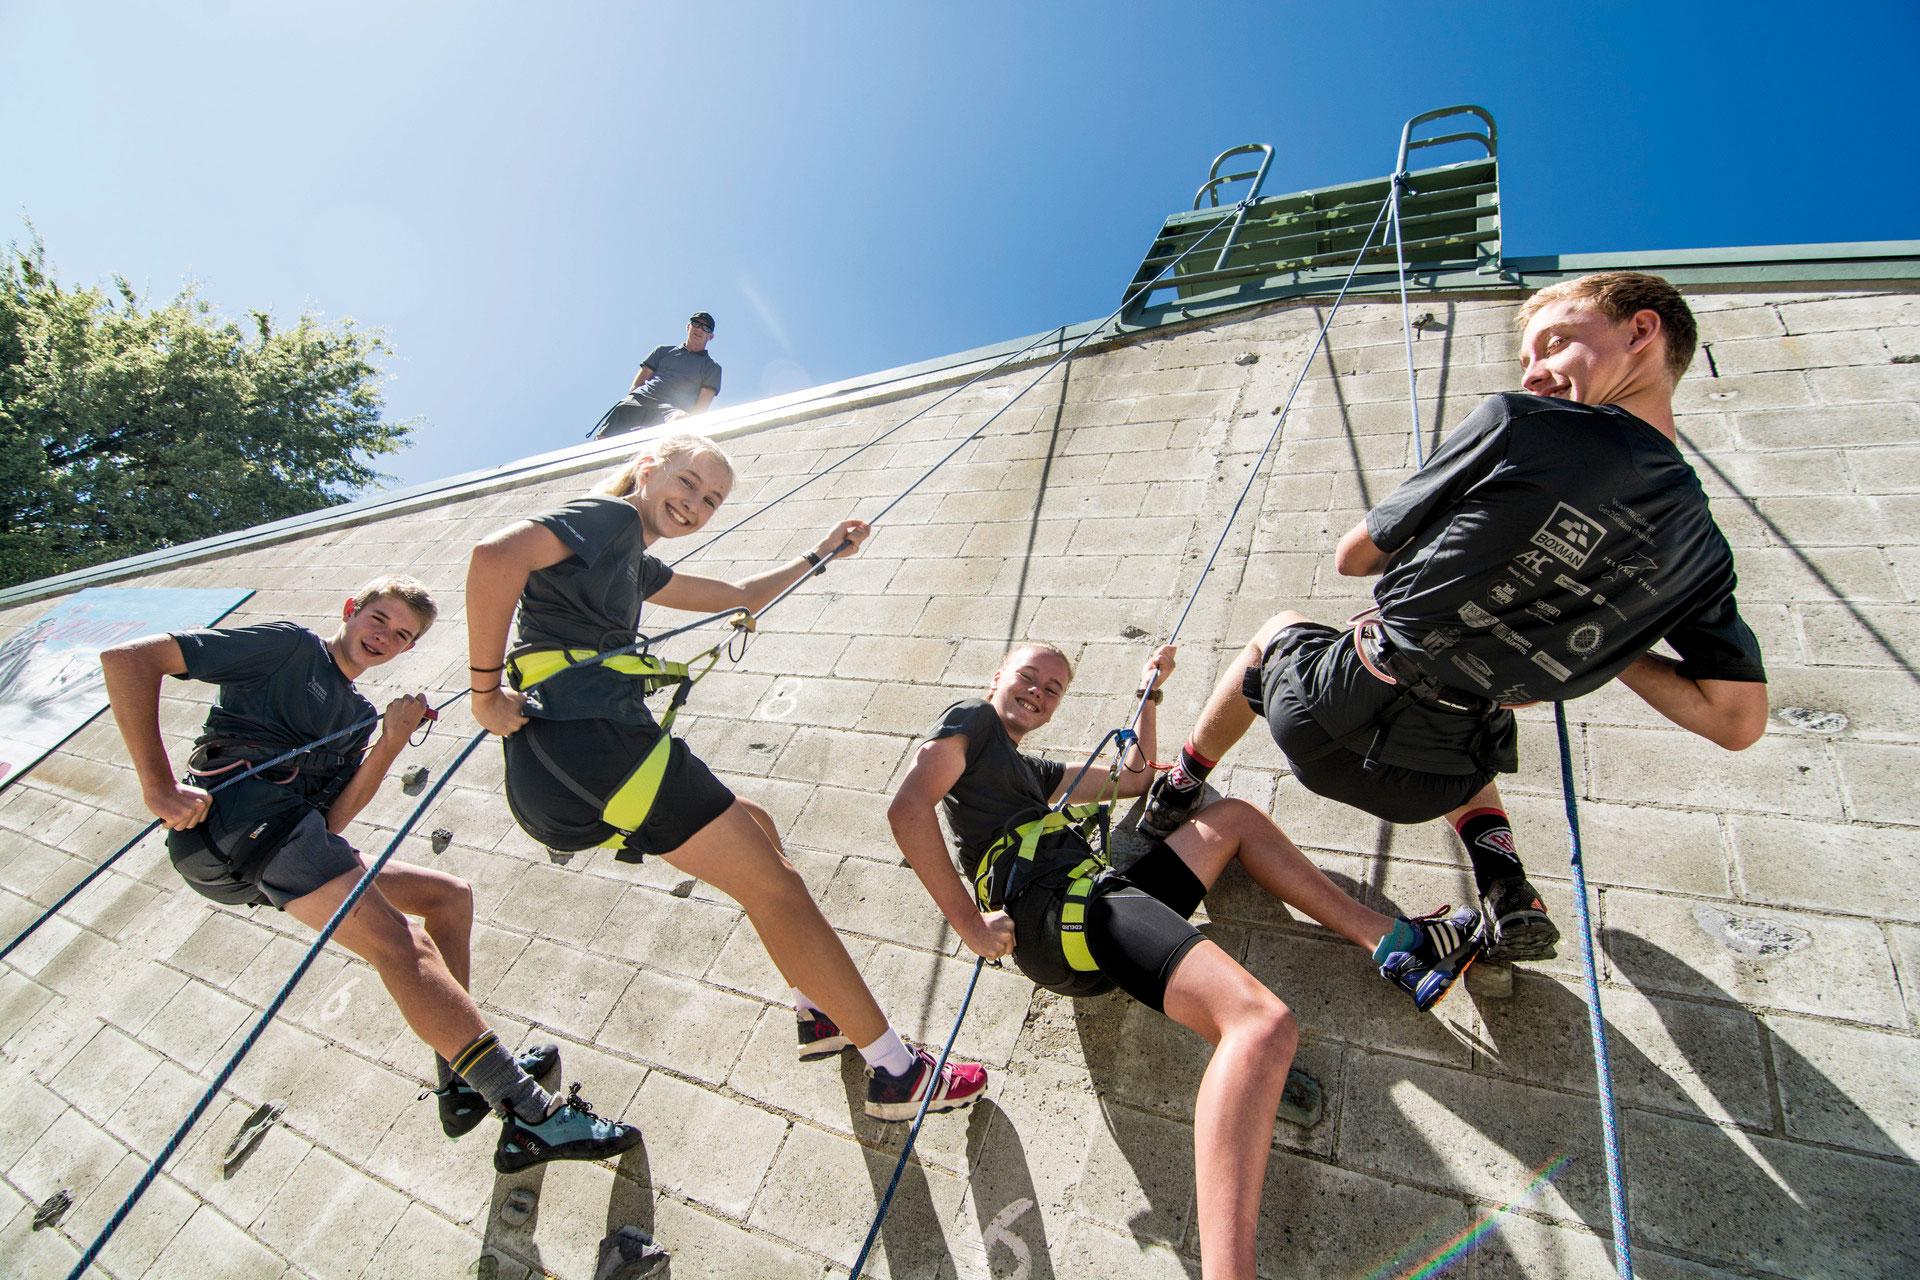 nz-hs-Waimea College-Sport Klettern (1)_blog